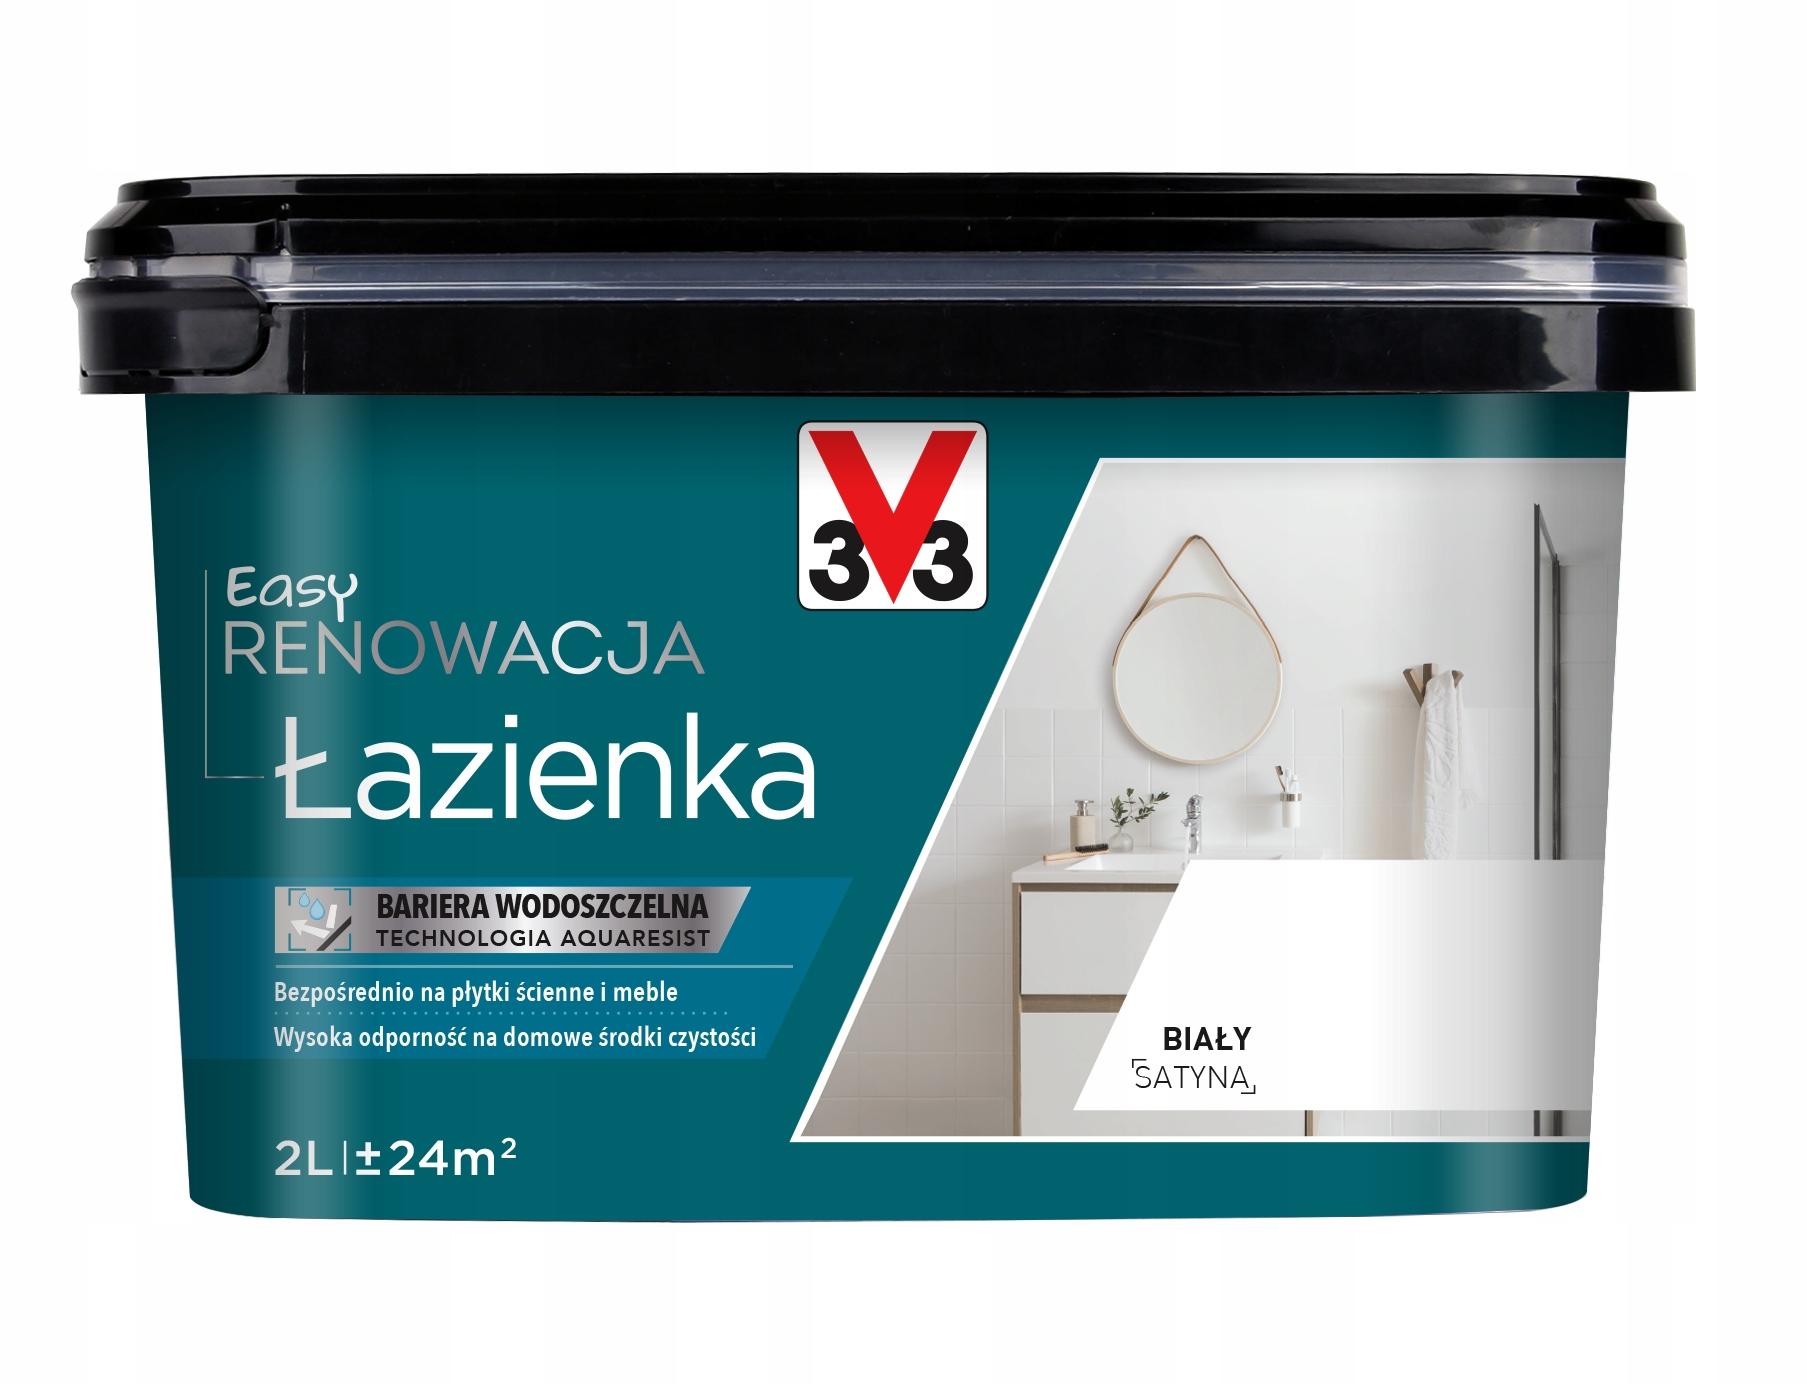 V33 Easy renowacja ŁAZIENKA 2L 6 kolorów + biały